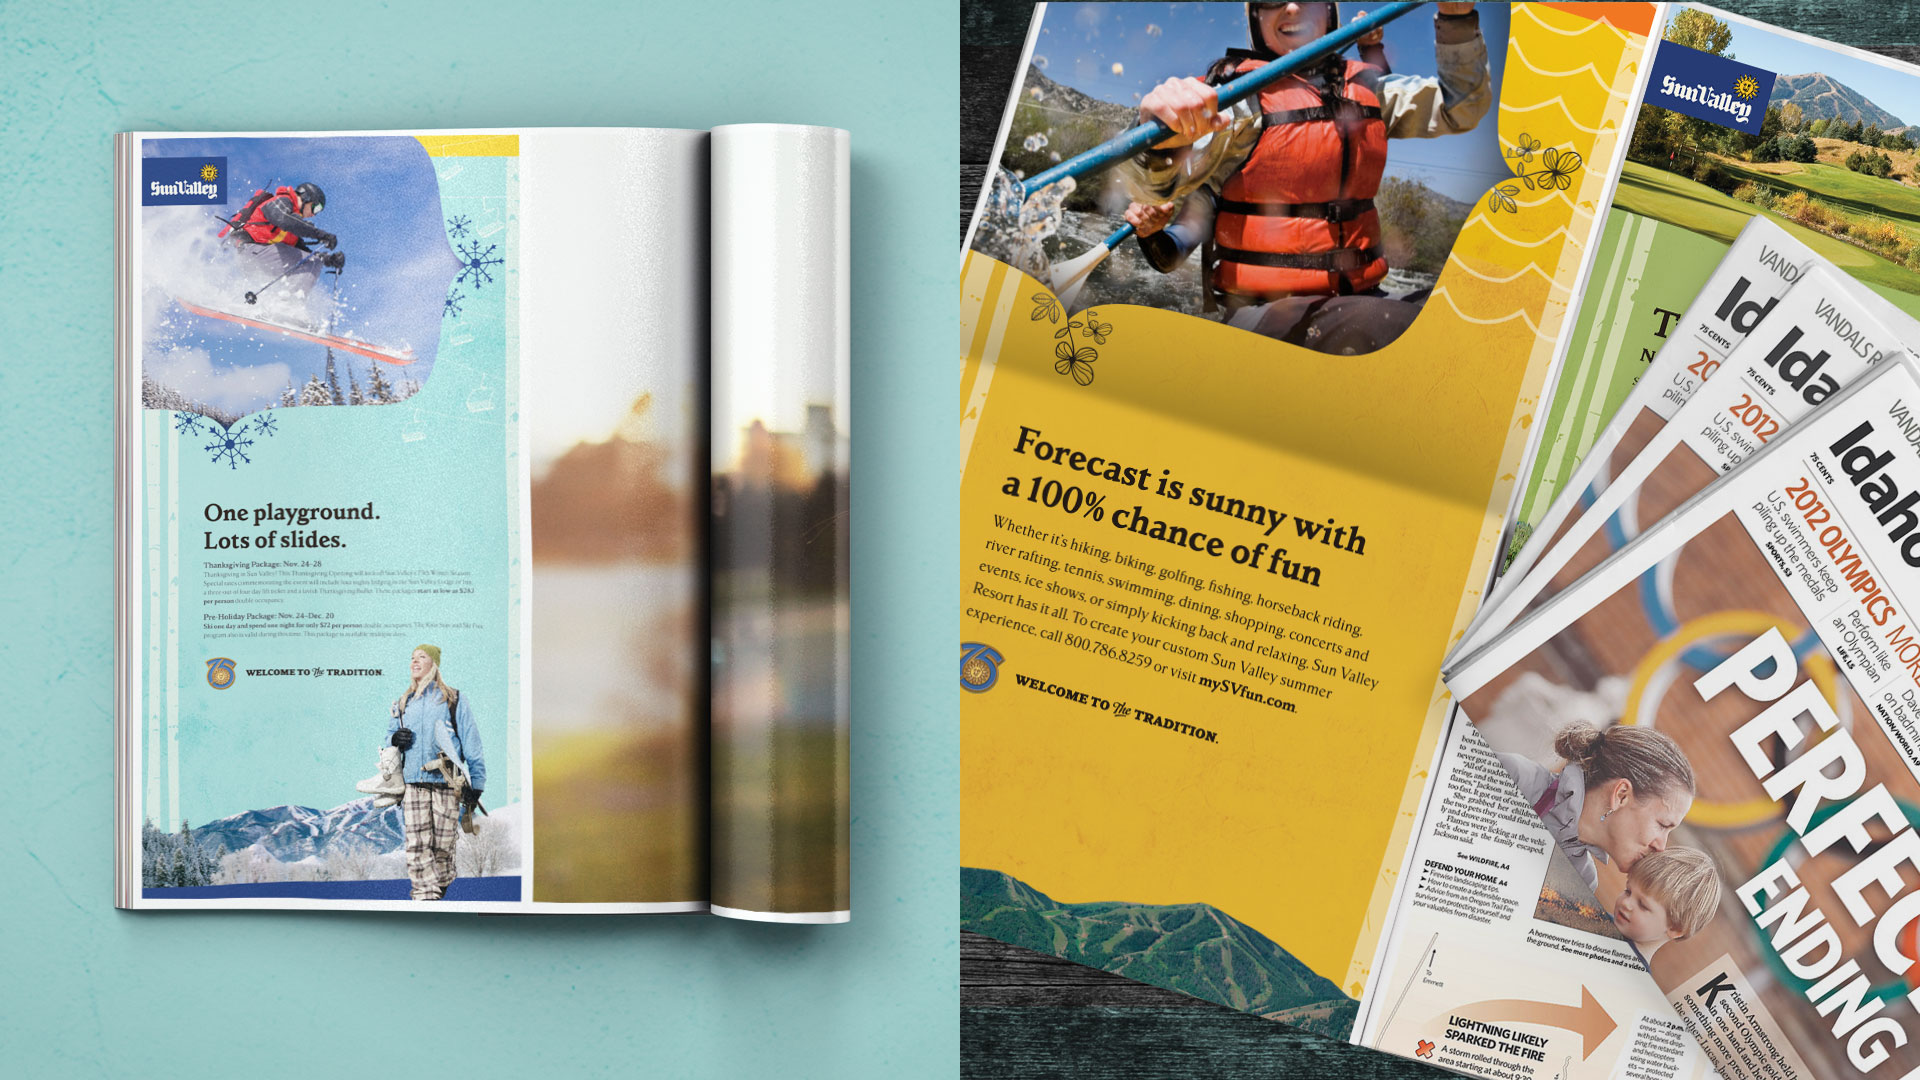 Sun Valley Resort magazine ads